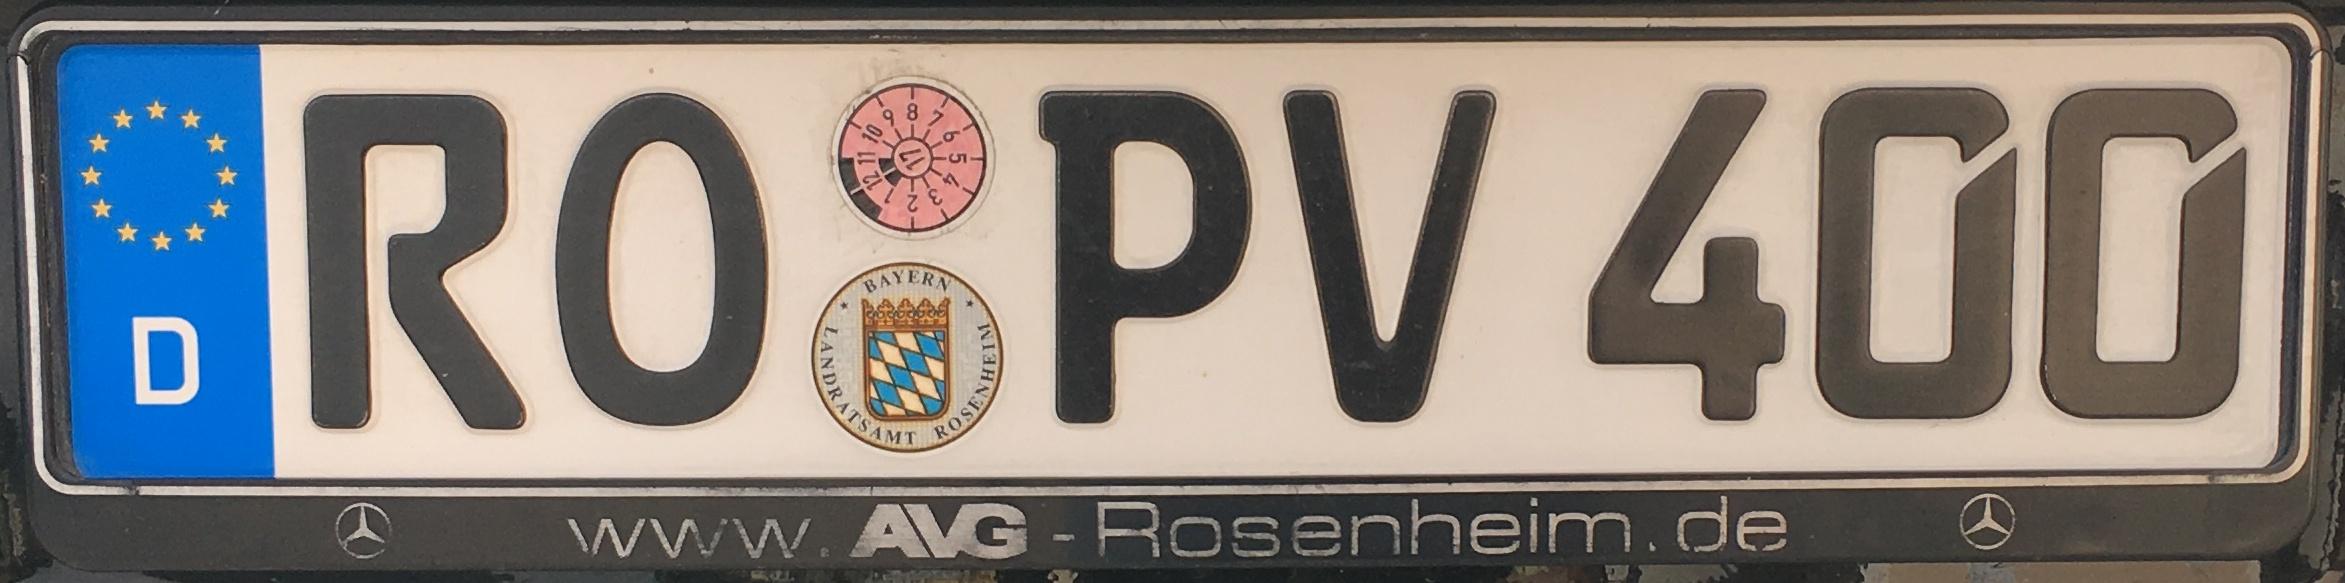 Registrační značky Německo - RO - Rosenheim, foto: vlastní